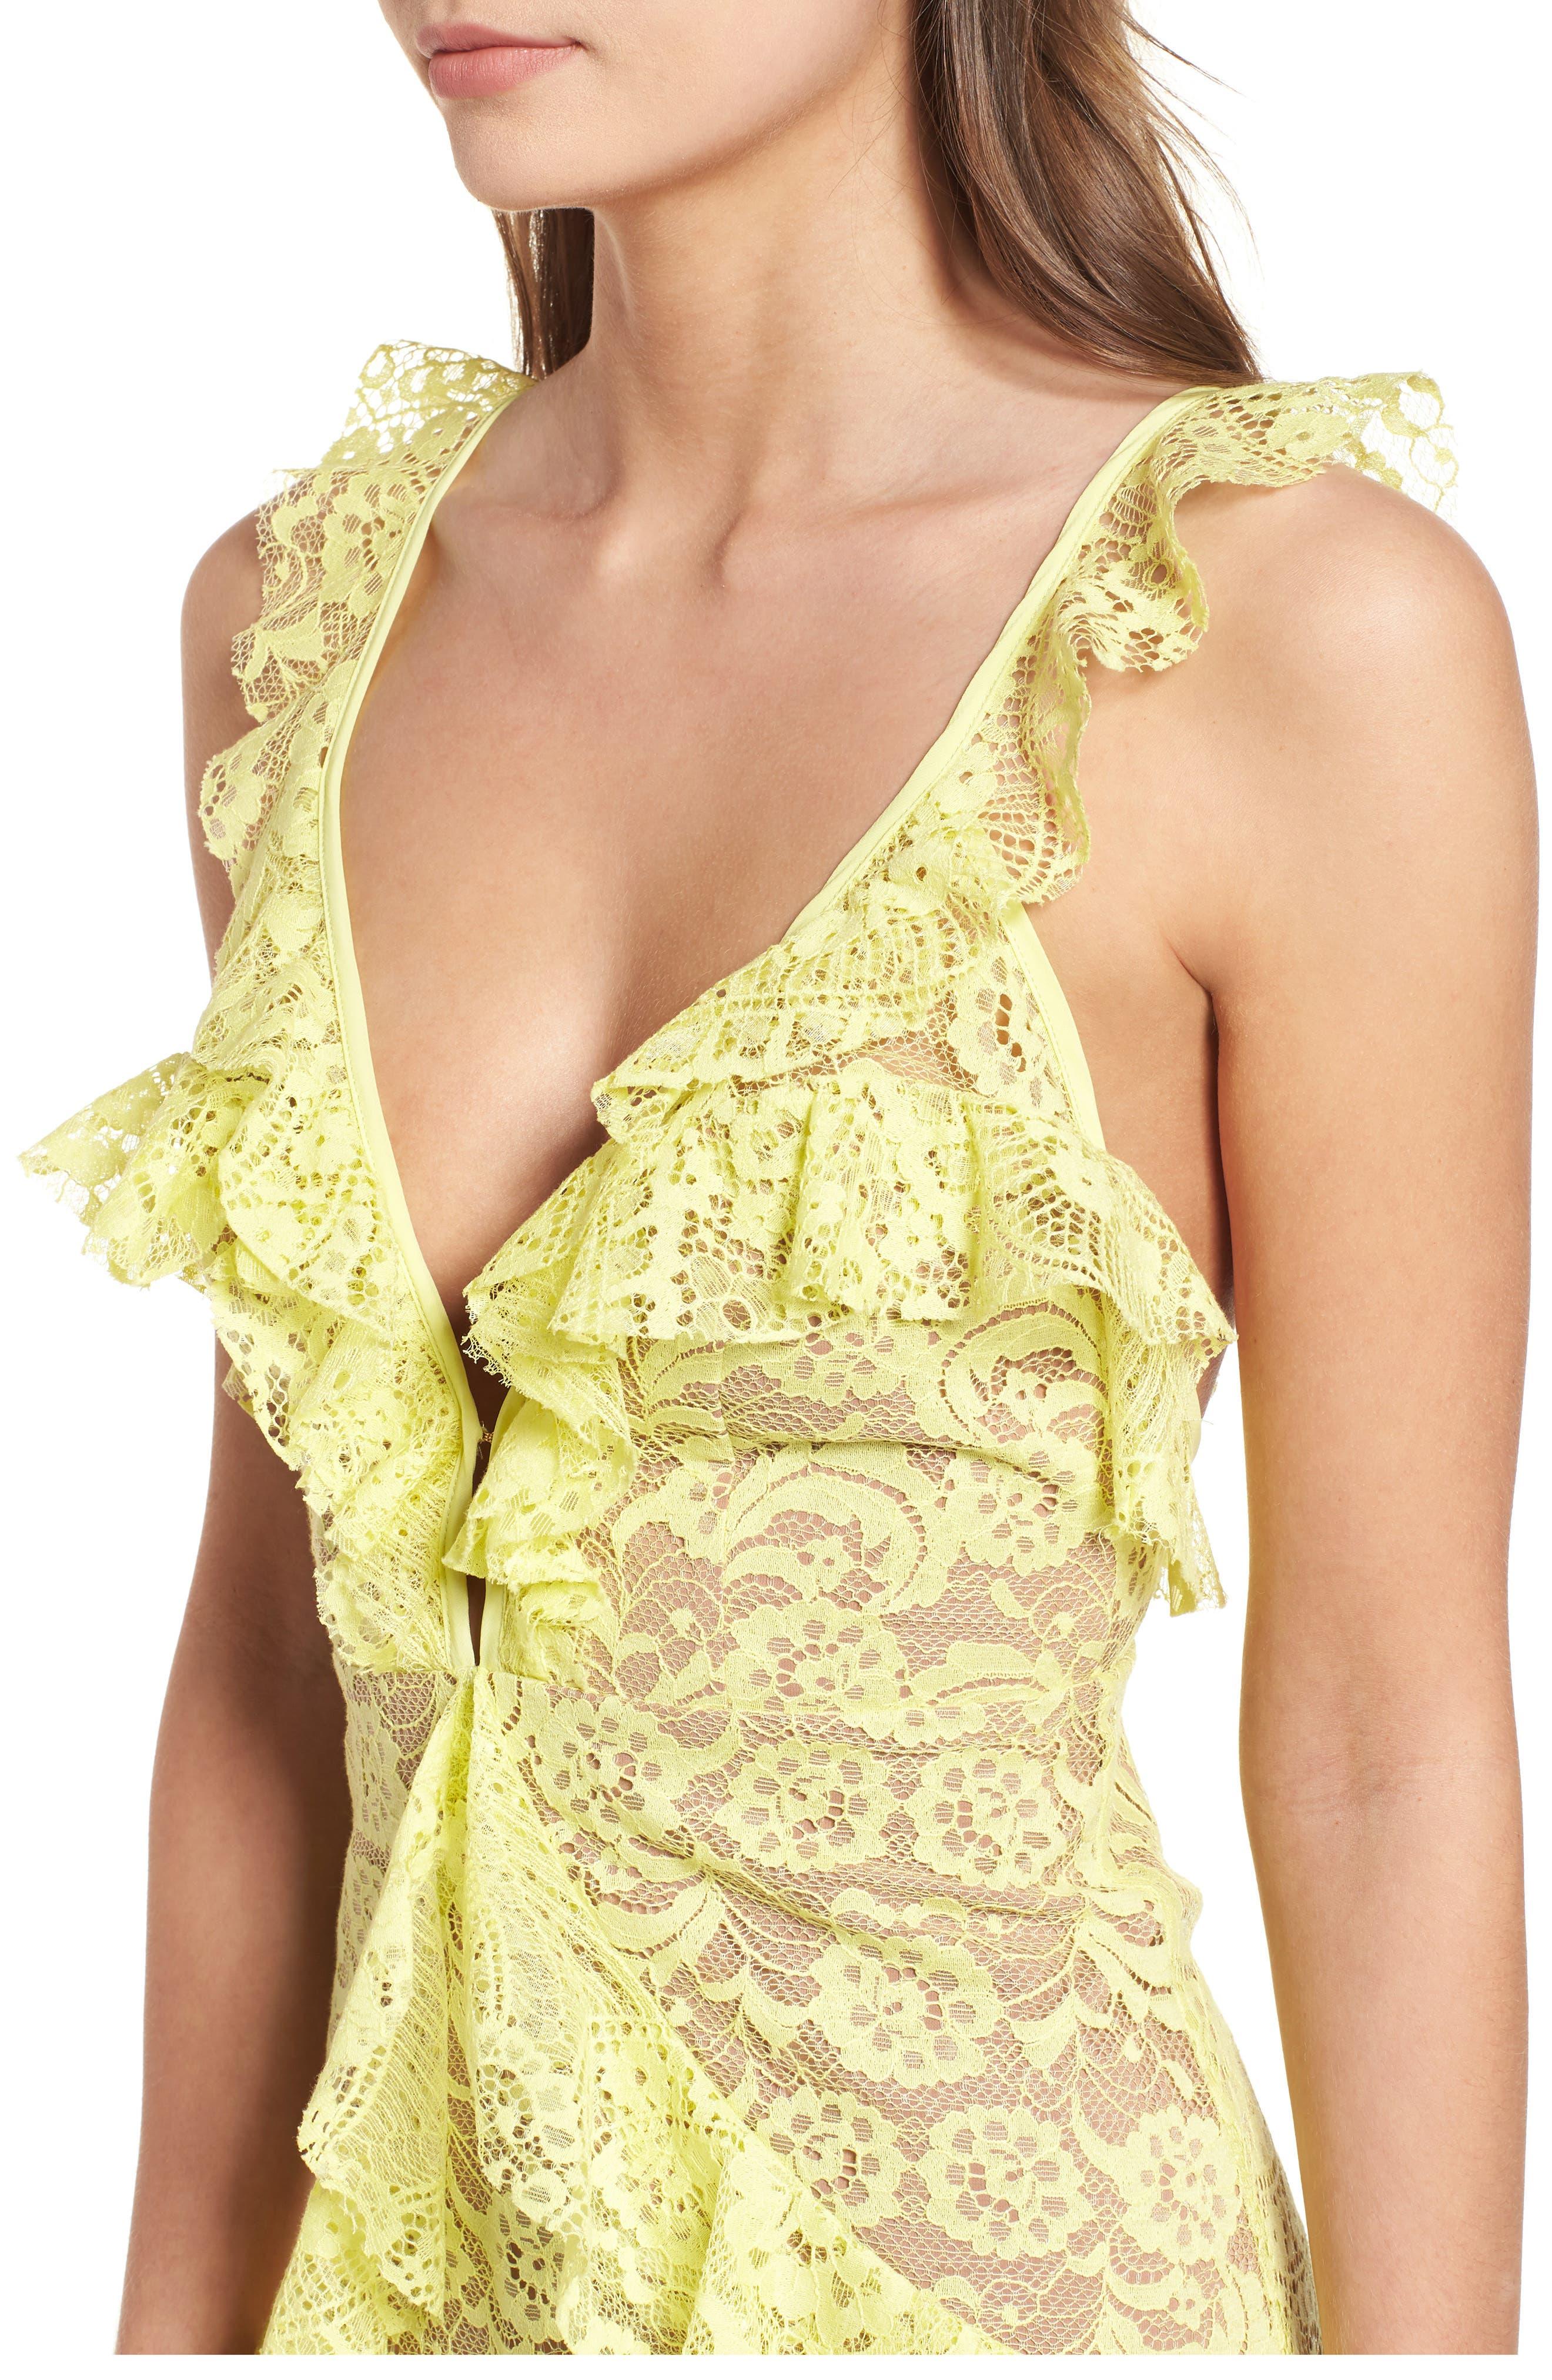 Tati Lace Minidress,                             Alternate thumbnail 4, color,                             Lemon